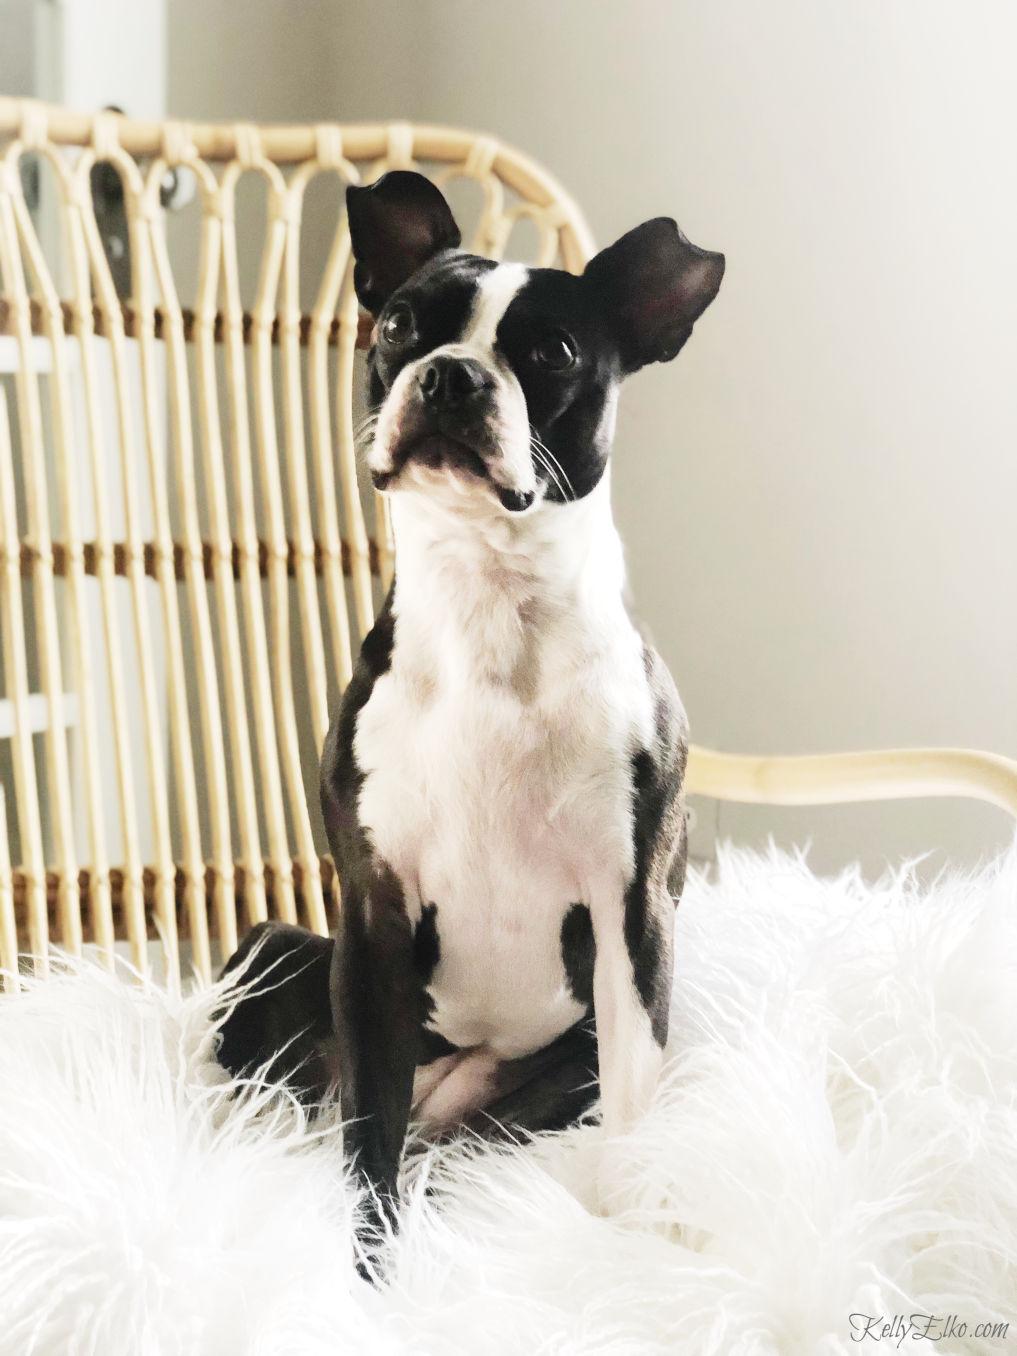 Boston Terrier glamour shot! kellyelko.com #bostonterrier #modeldog #dogmodel #cutedog #petphotography